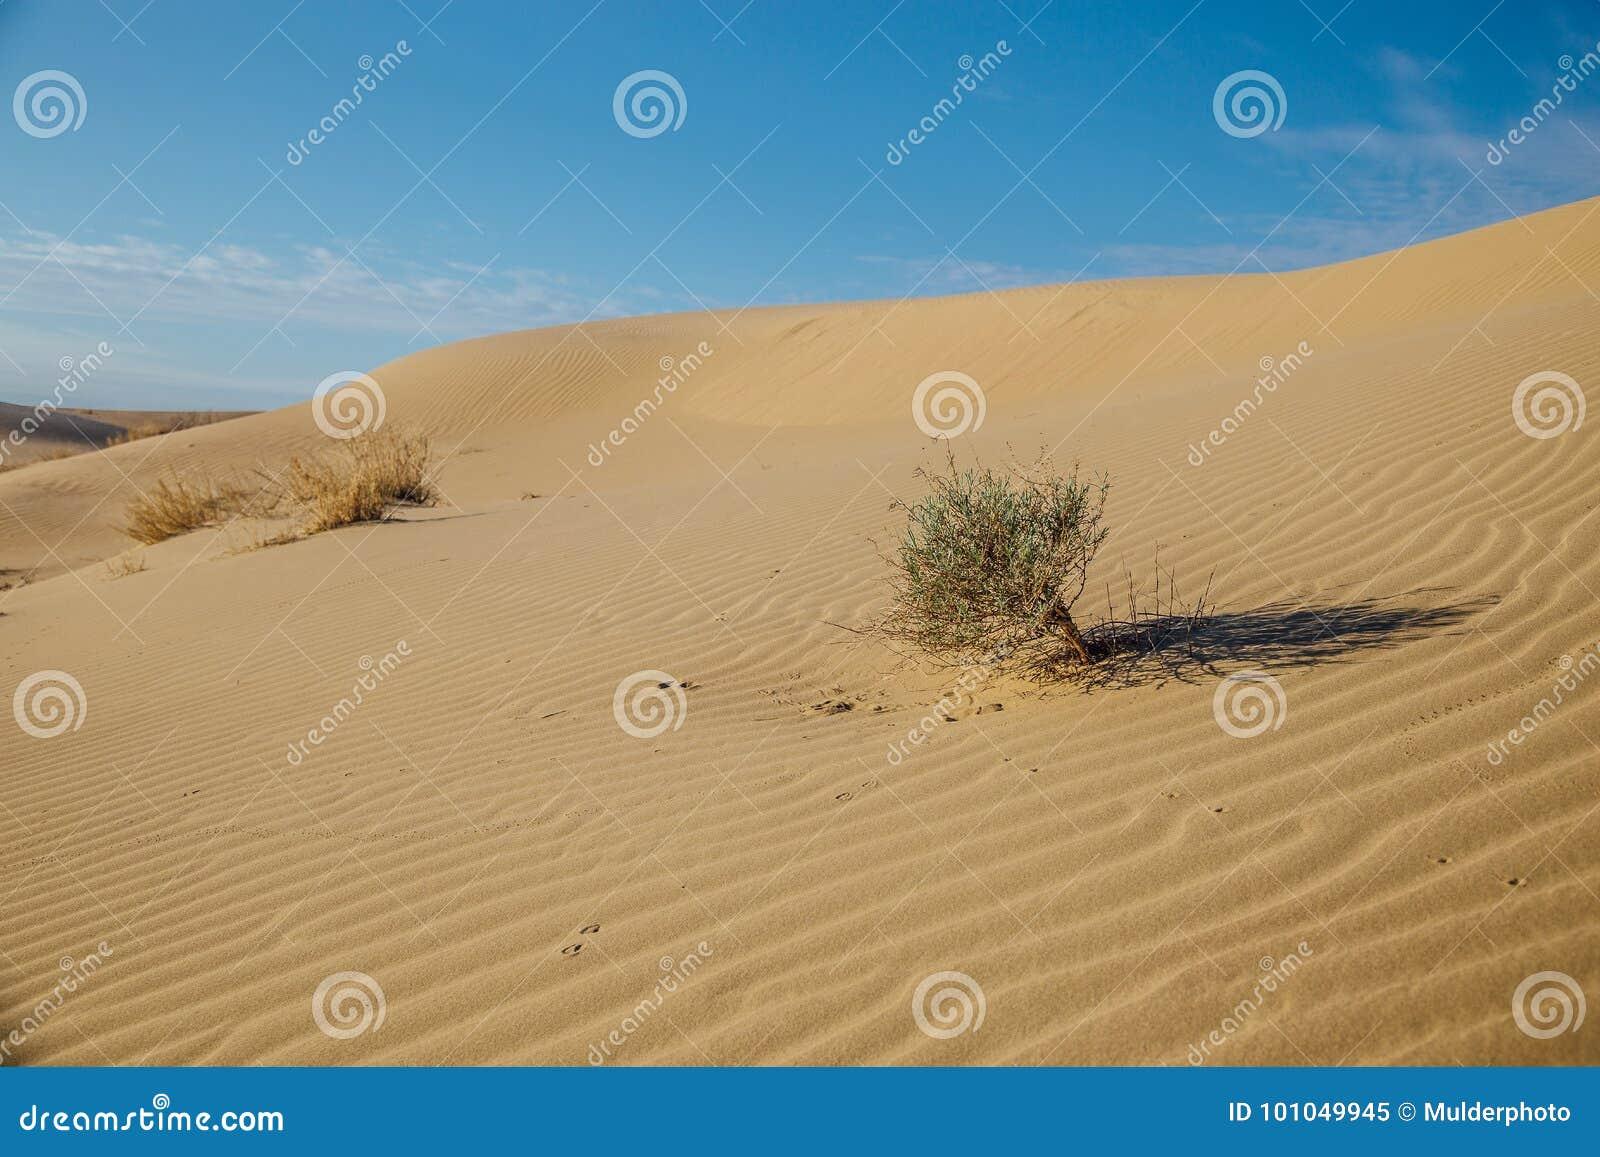 Paysage naturel de désert, dunes de sable, buissons